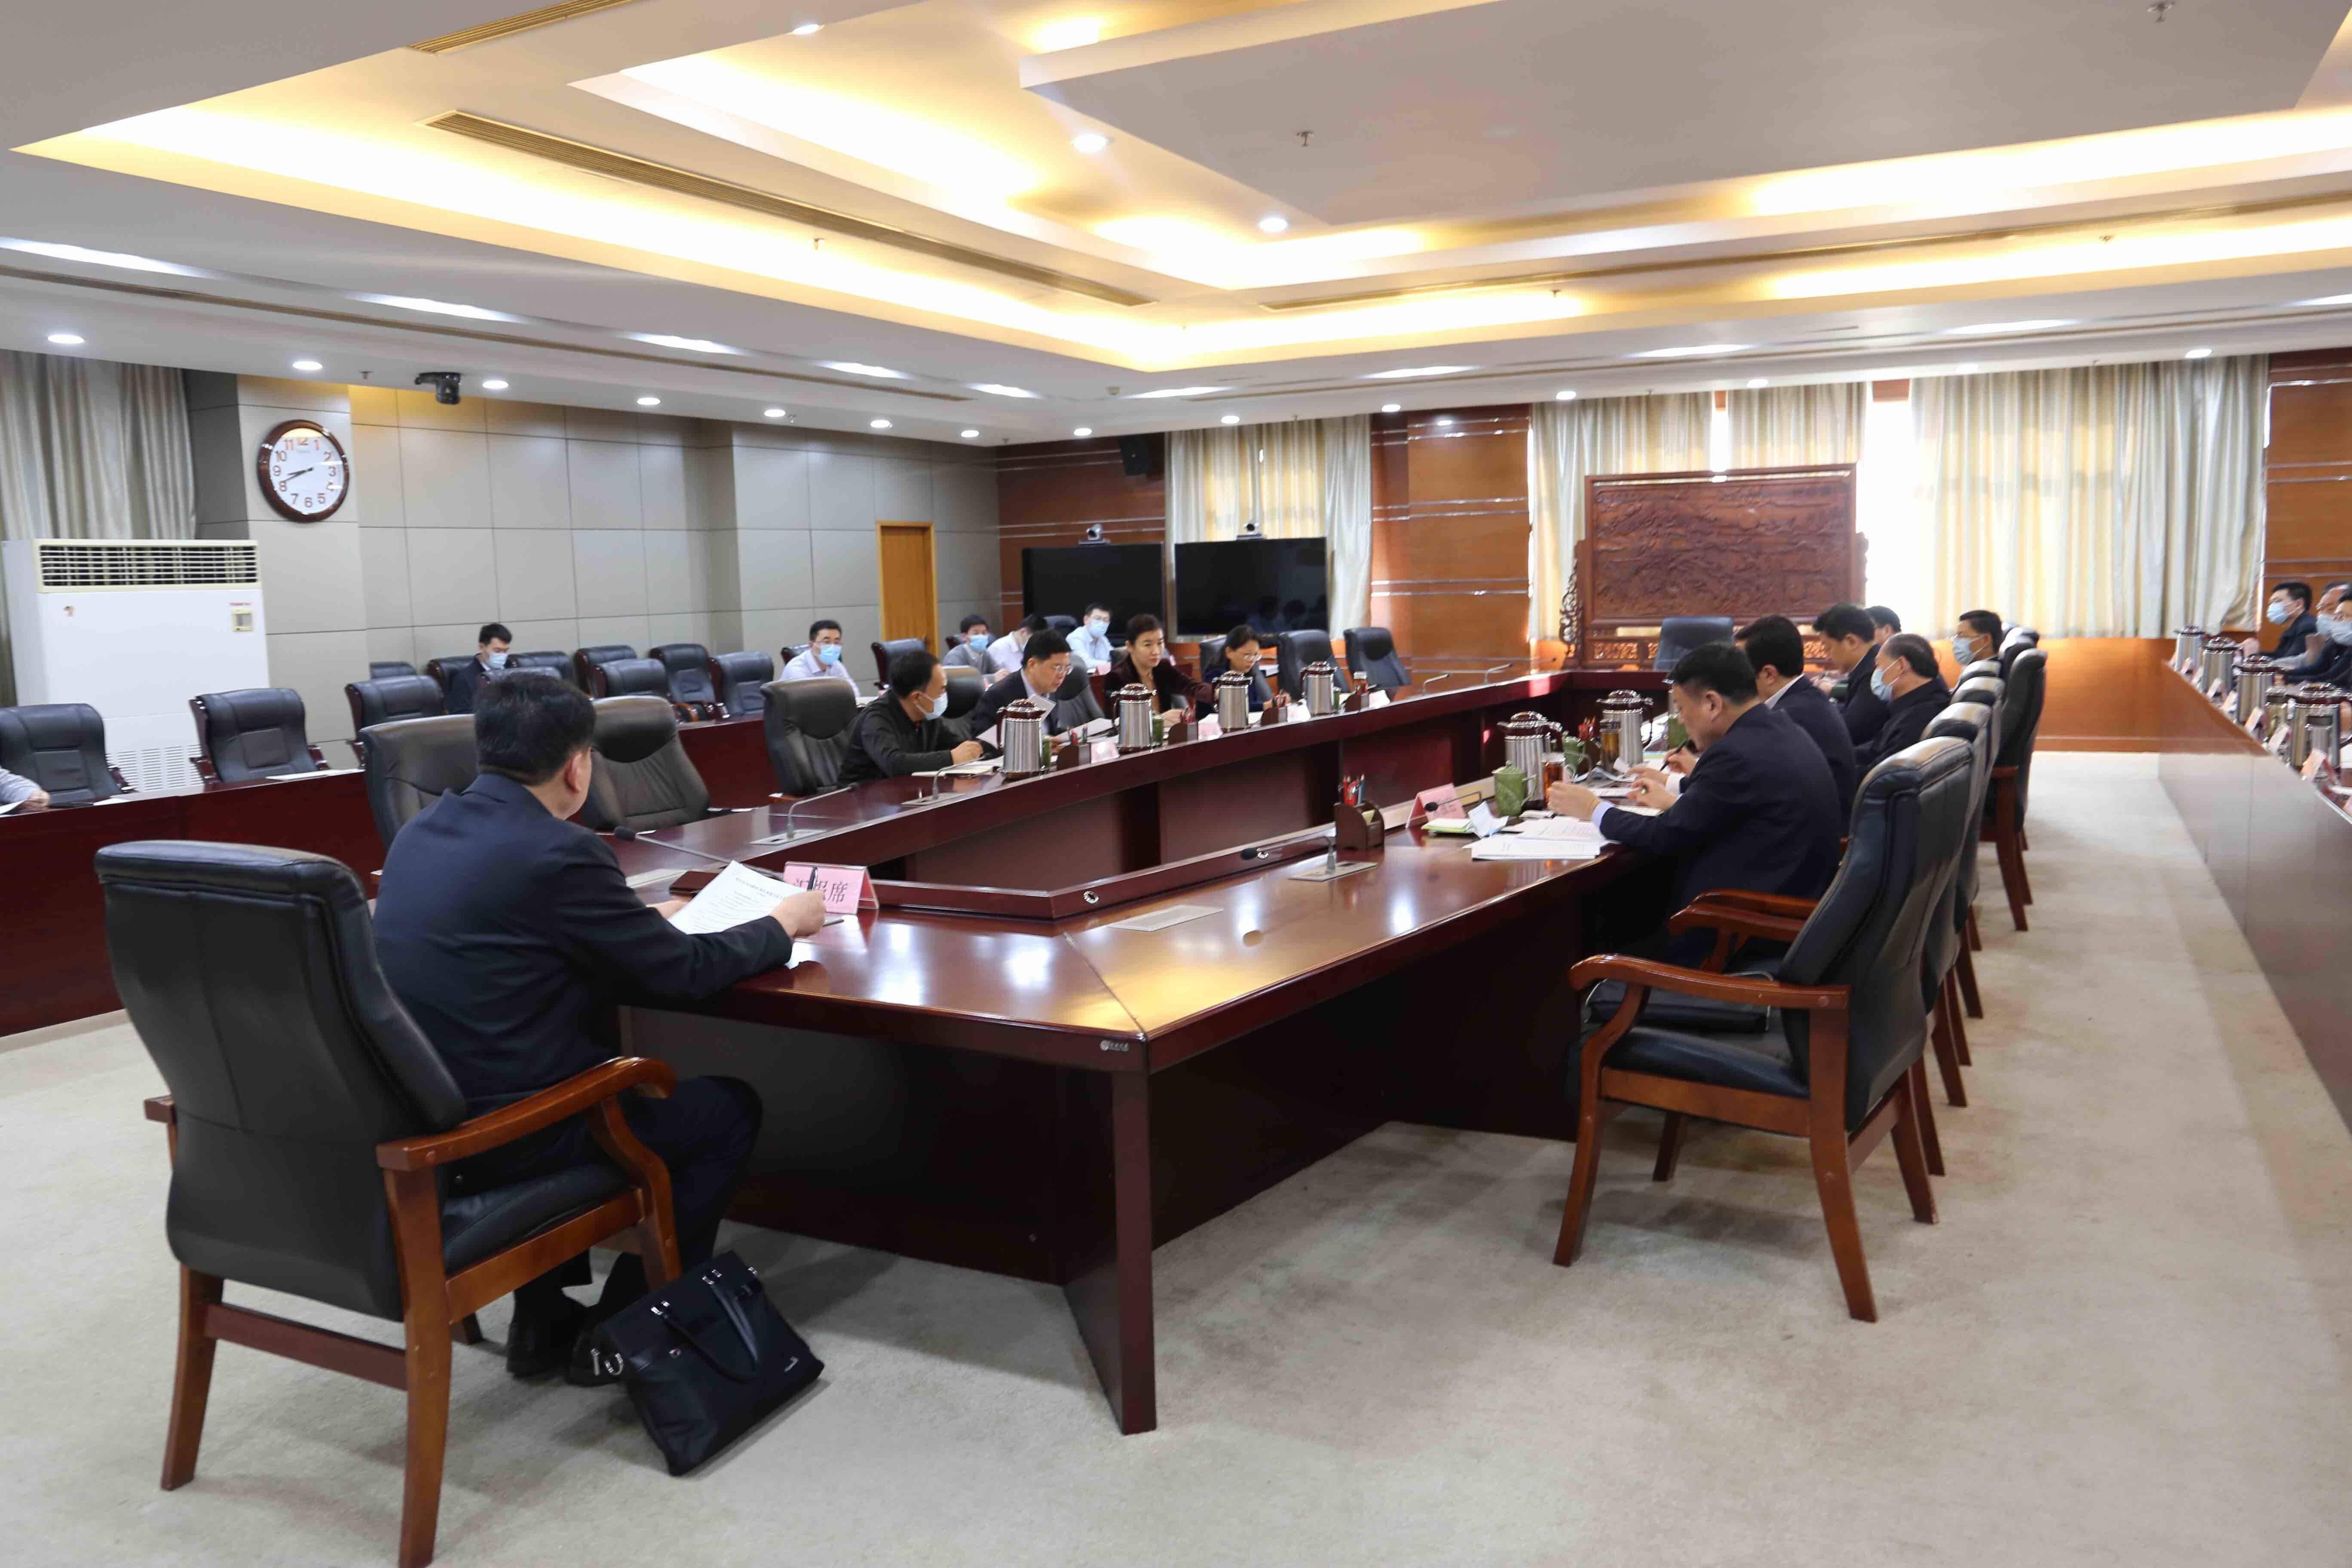 枣庄市委常委会召开会议